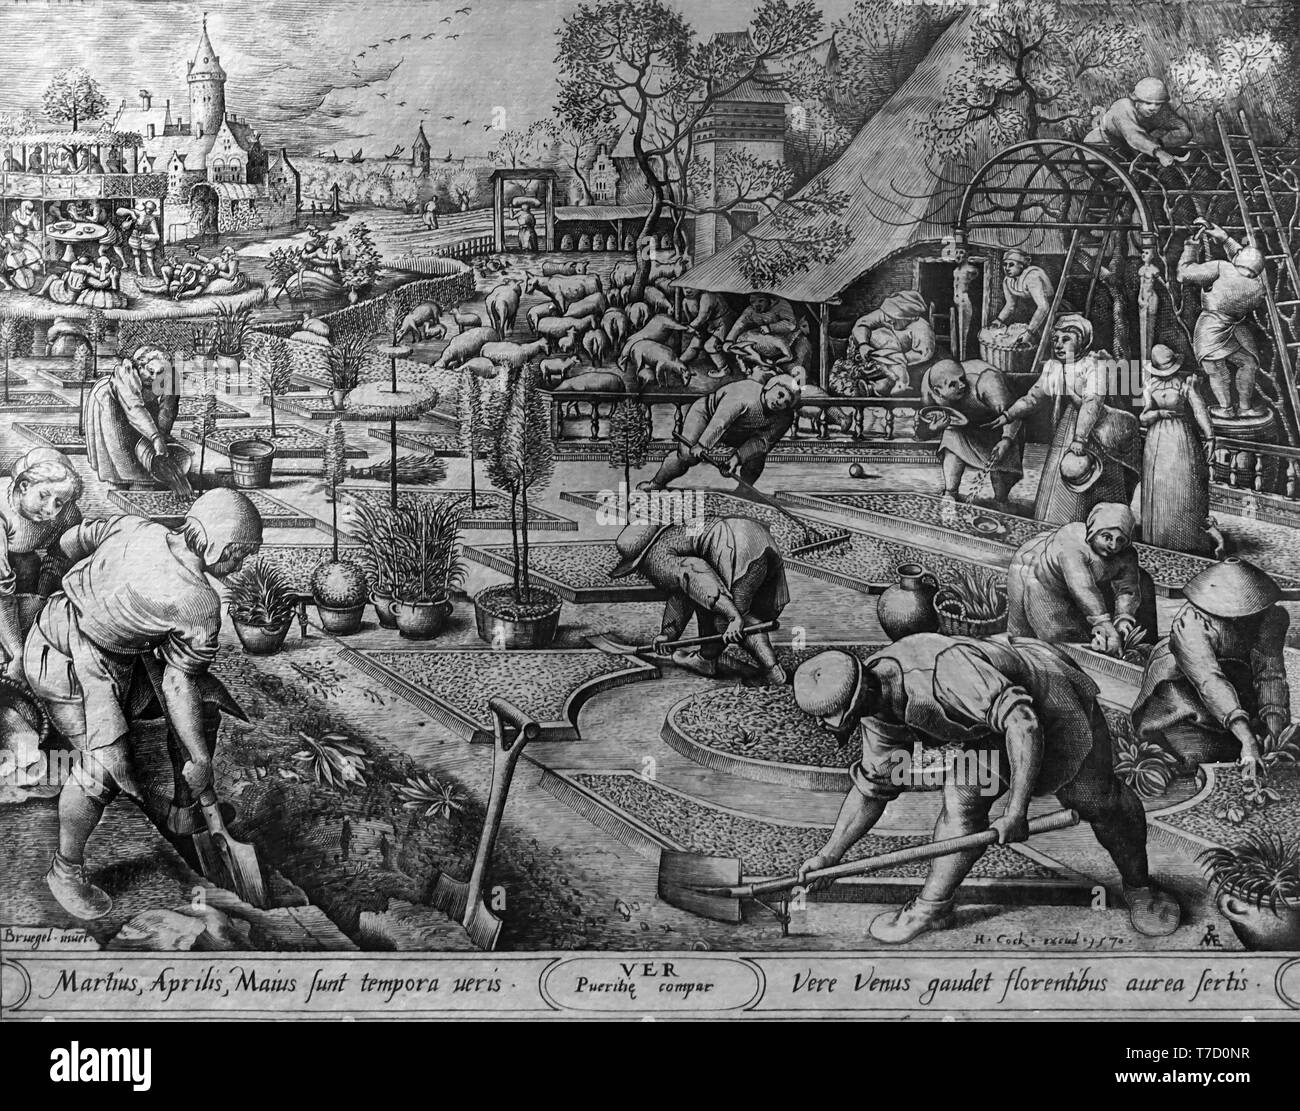 Print showing spring 1570 (after Pieter Bruegel the Elder) by Pieter van der Heyden 1530 - 1572 Flemish printmaker. - Stock Image